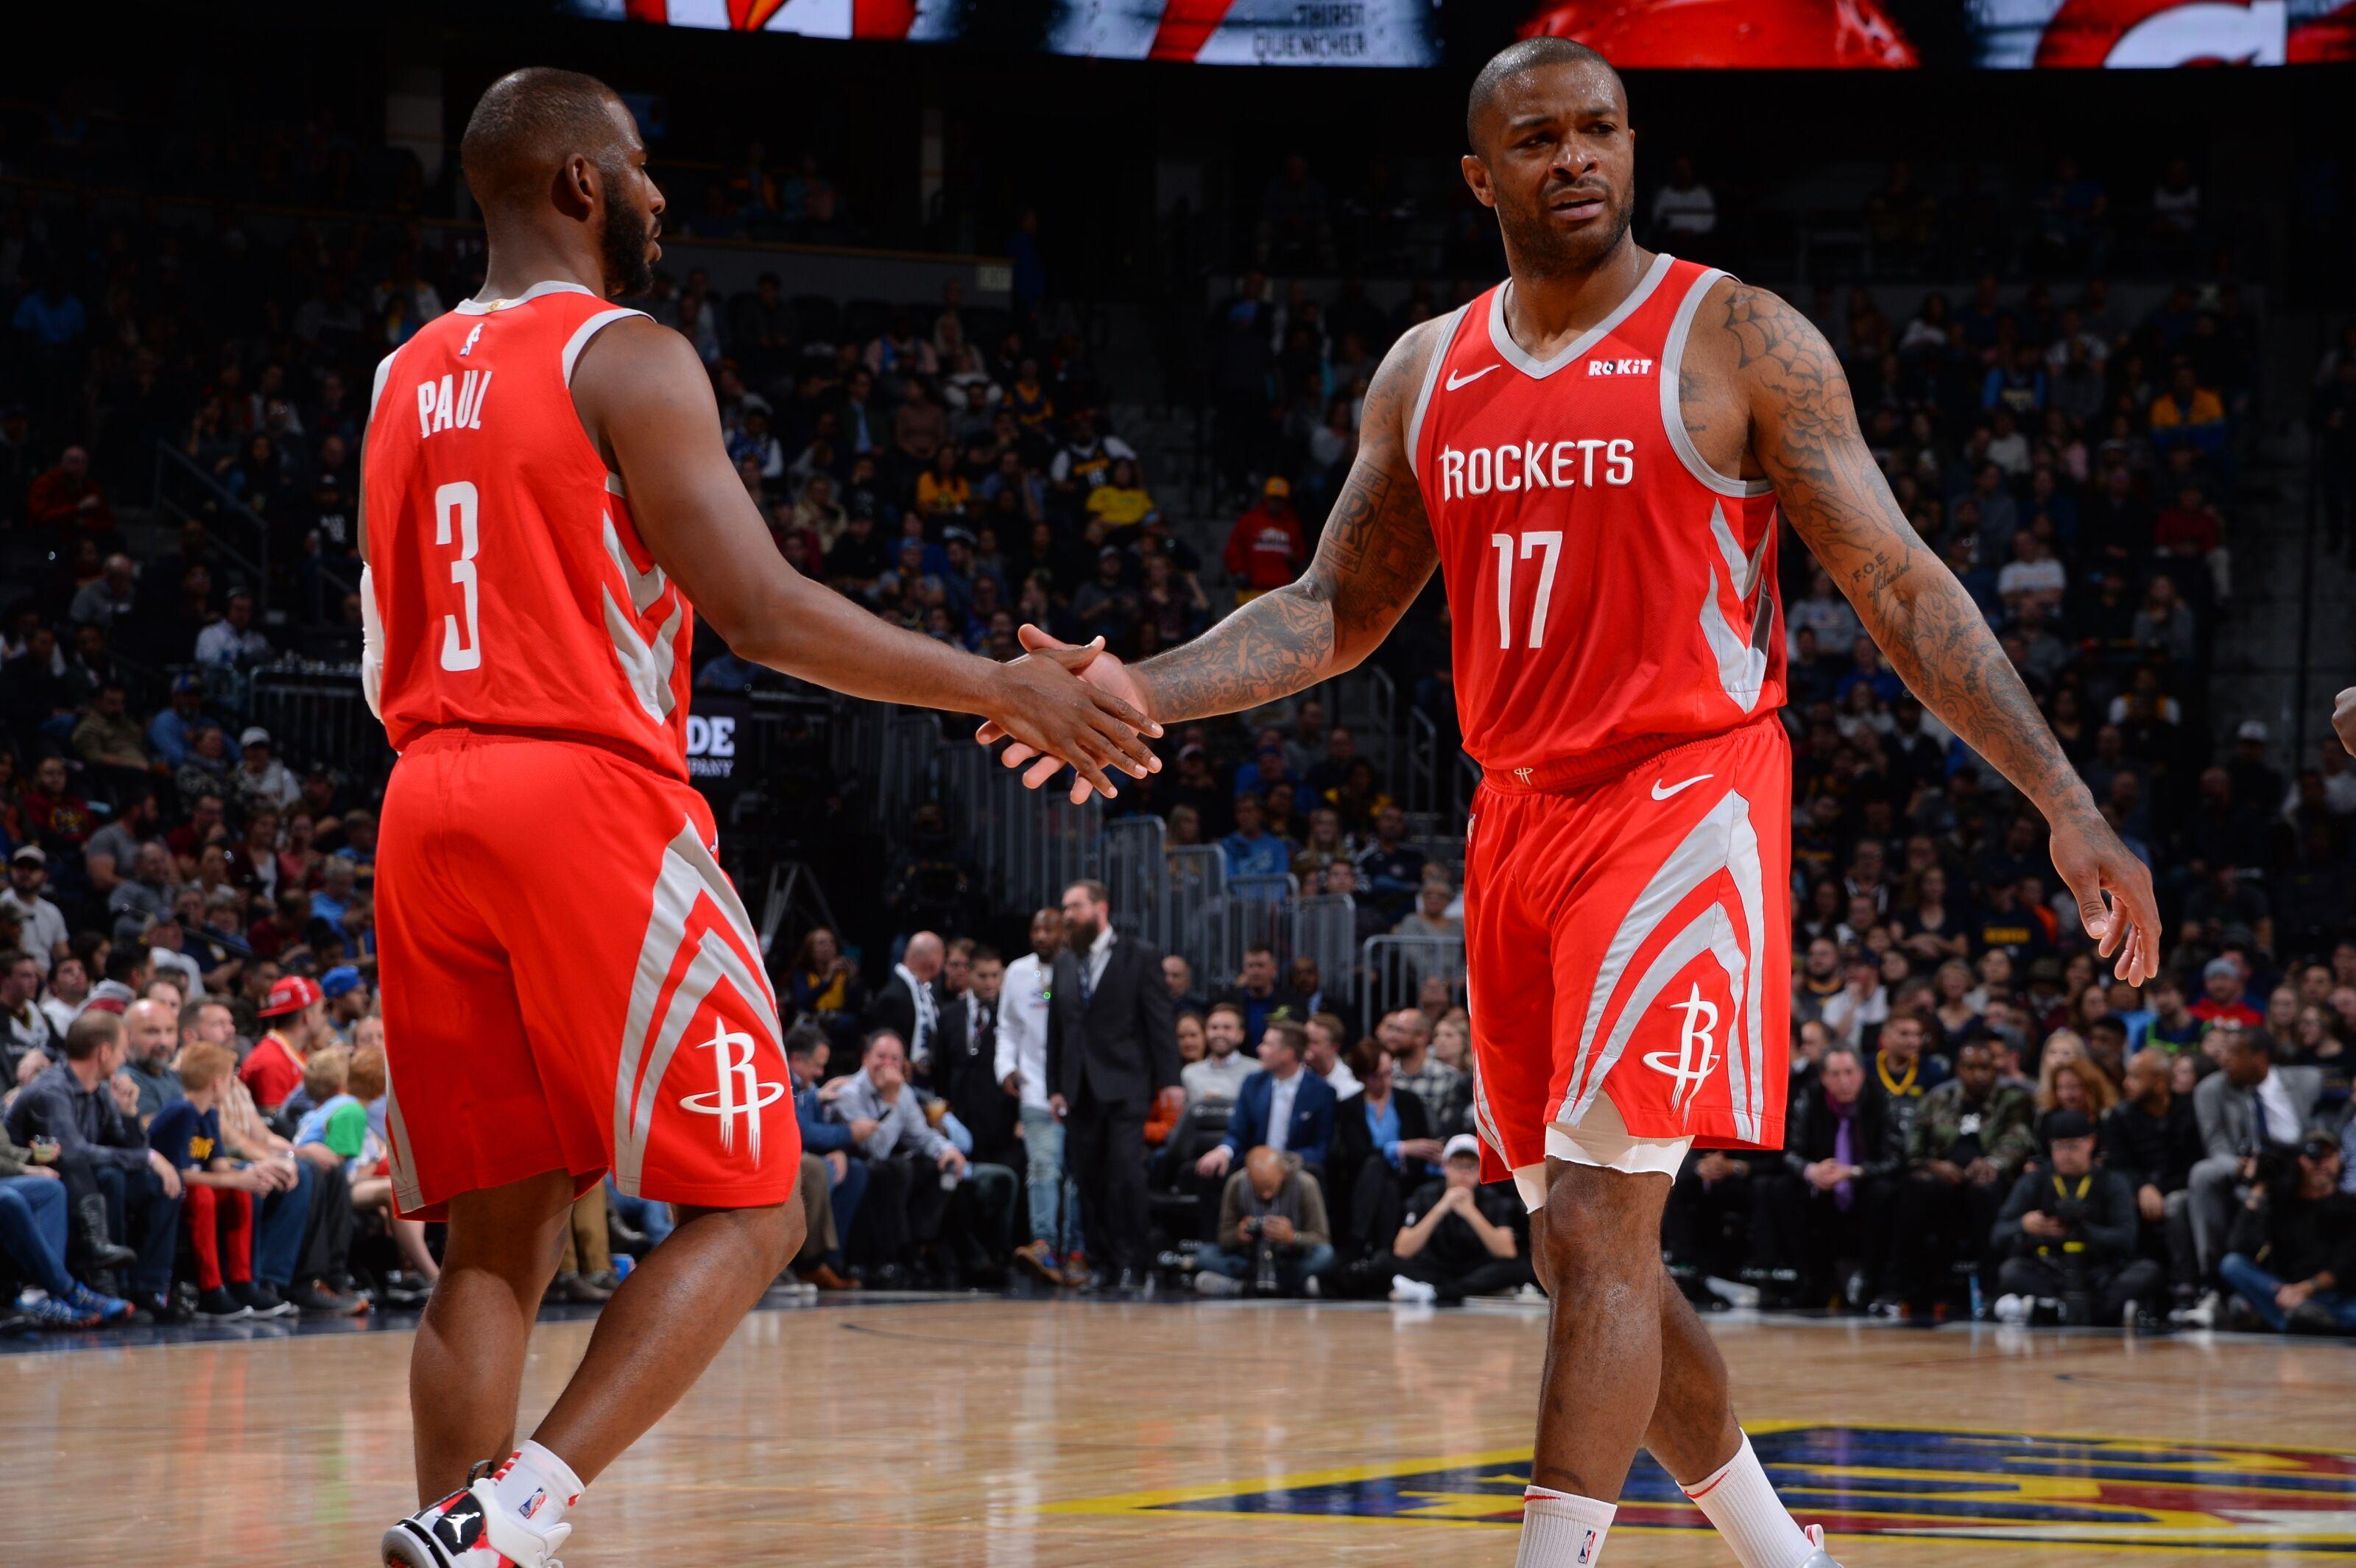 Rockets Vs Suns Hd: Houston Rockets: How P.J. Tucker Has Found His Shot